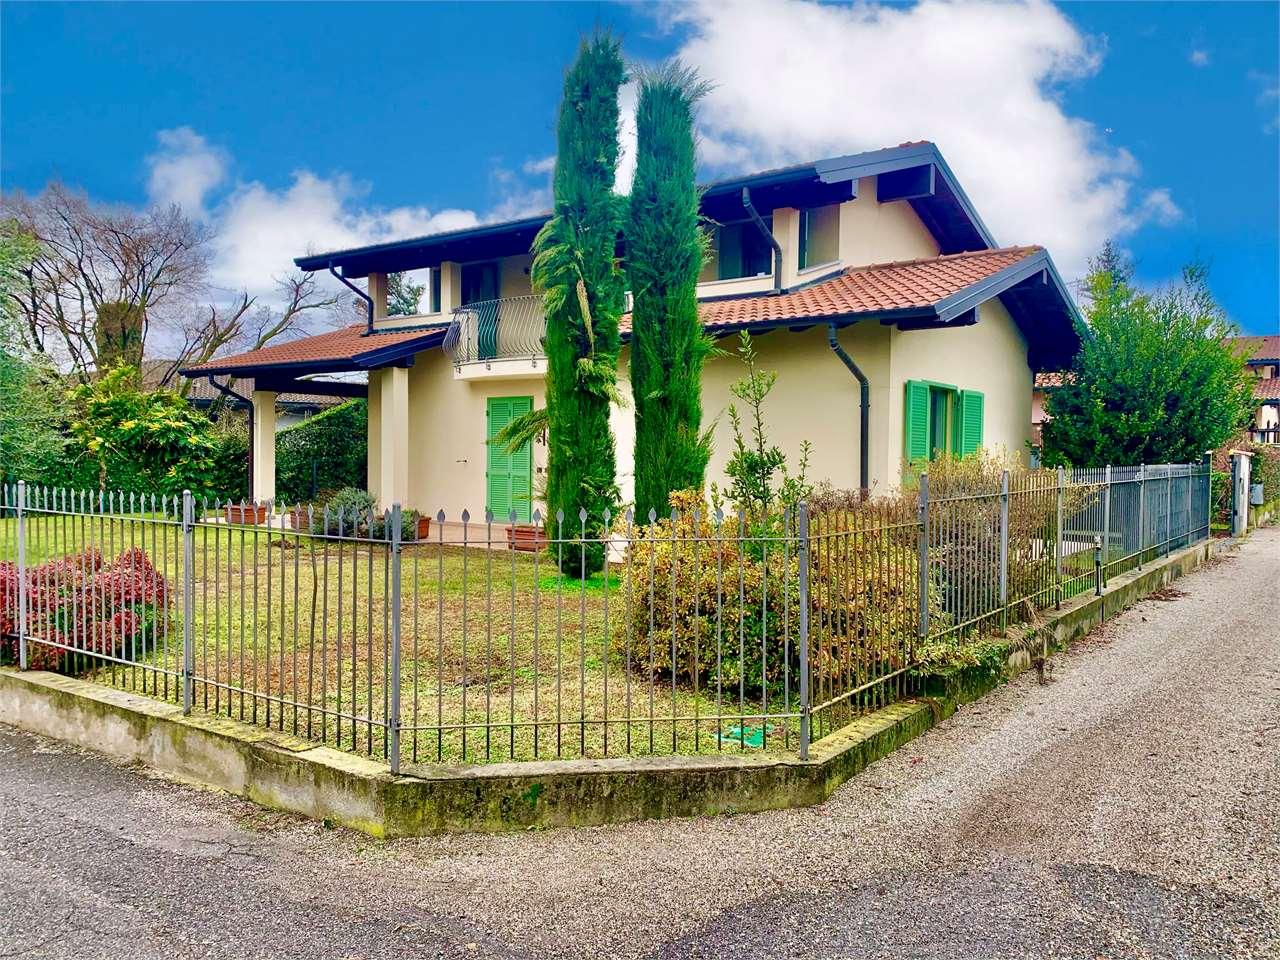 Villa in vendita a Sesto Calende, 8 locali, prezzo € 420.000 | CambioCasa.it